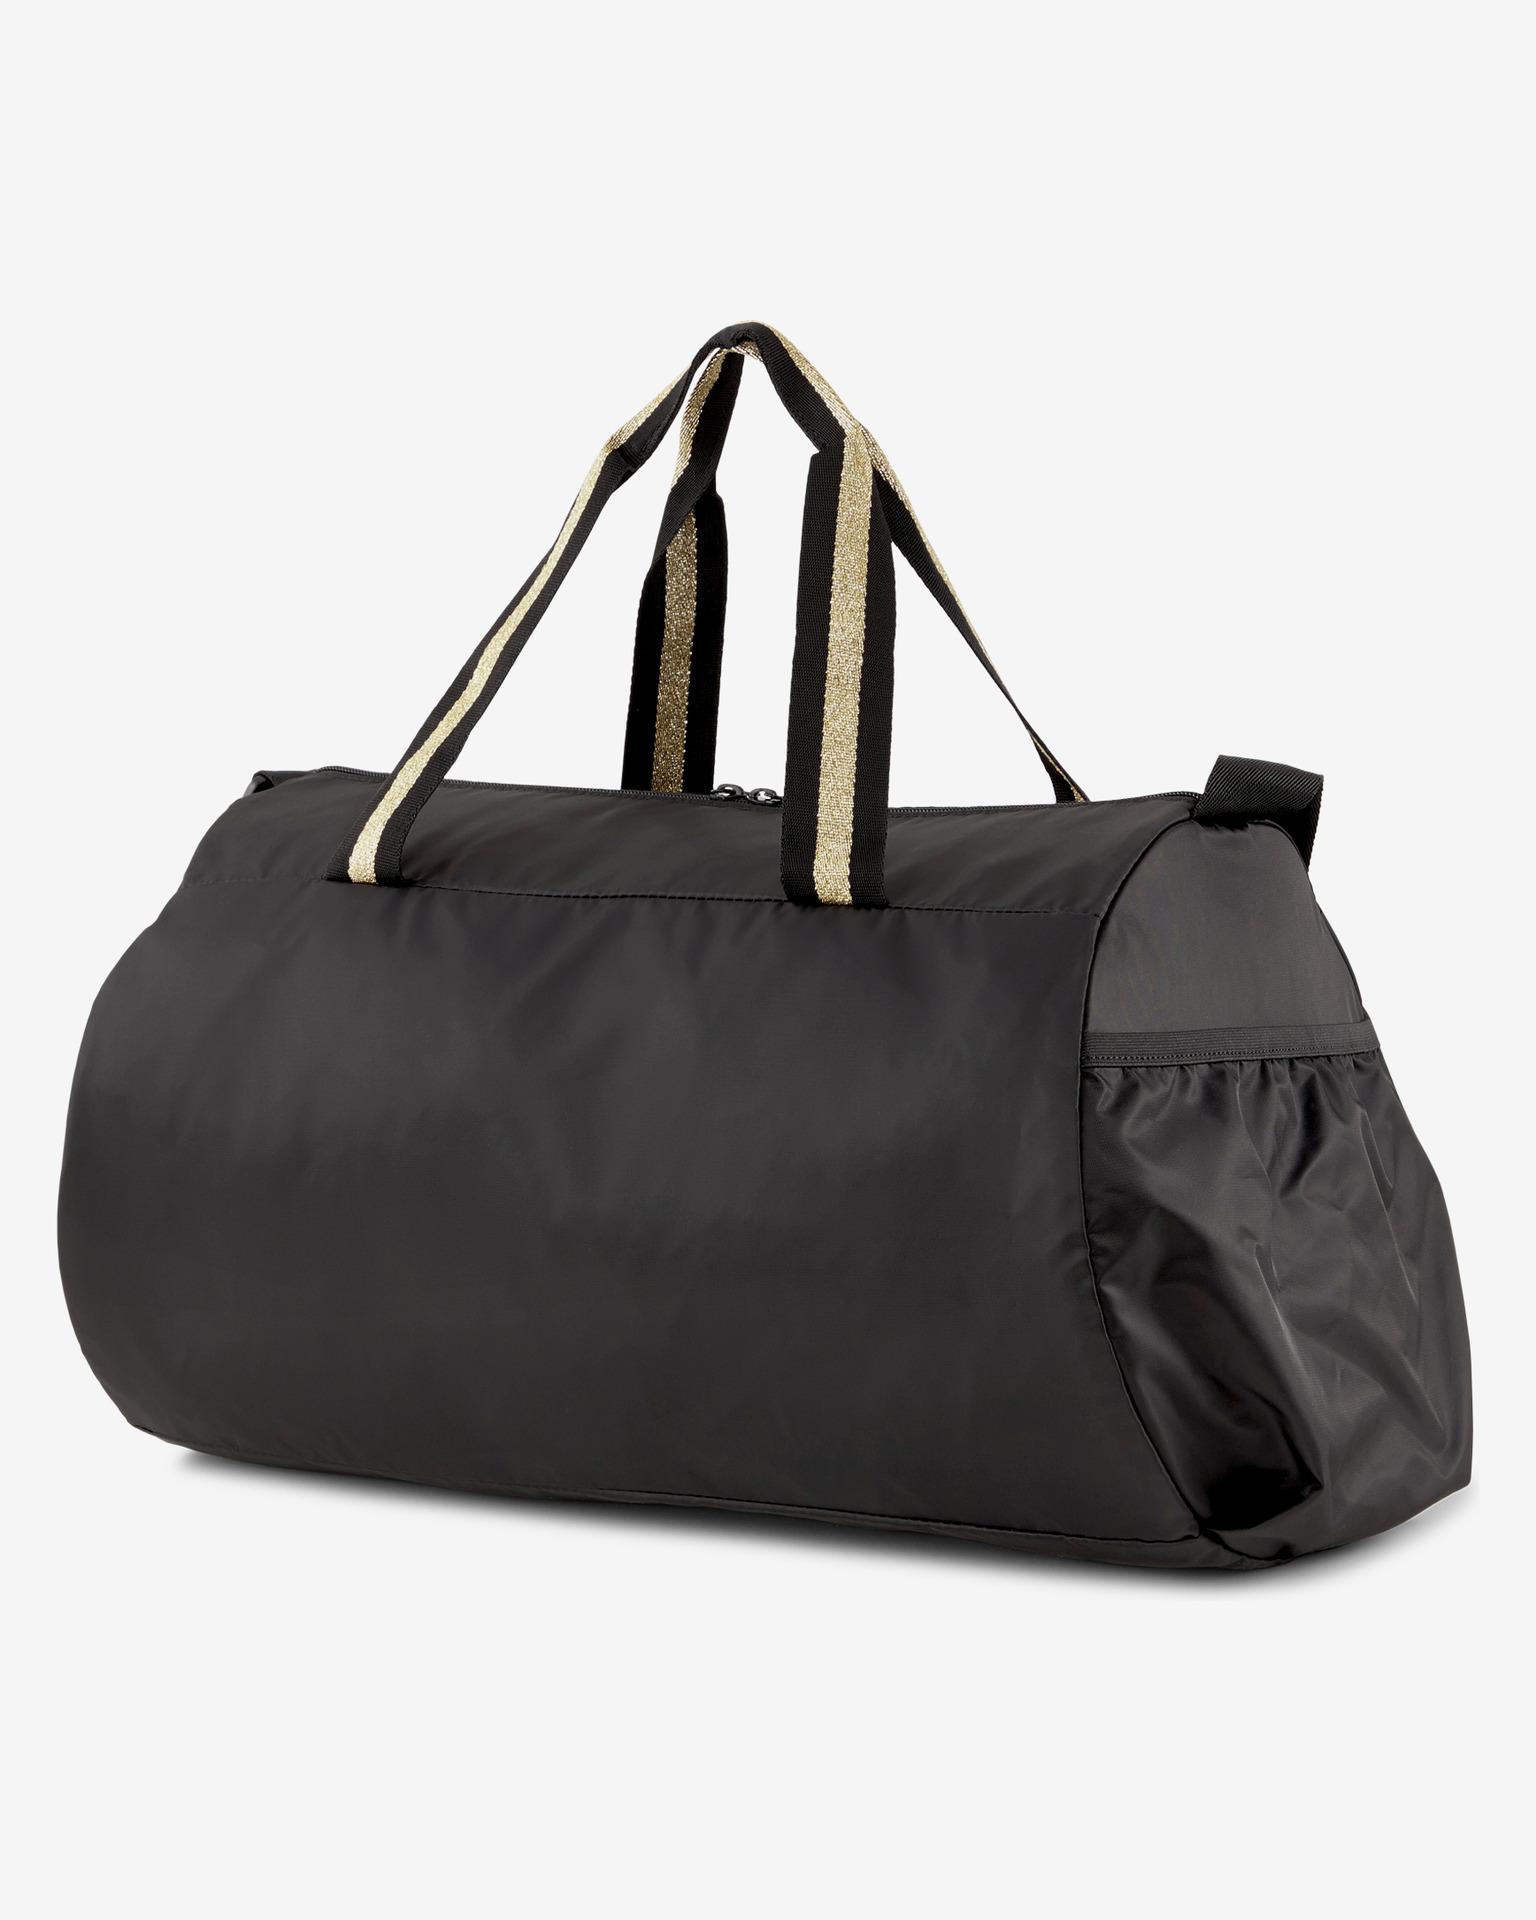 Puma black travel bag AT ESS Barrel